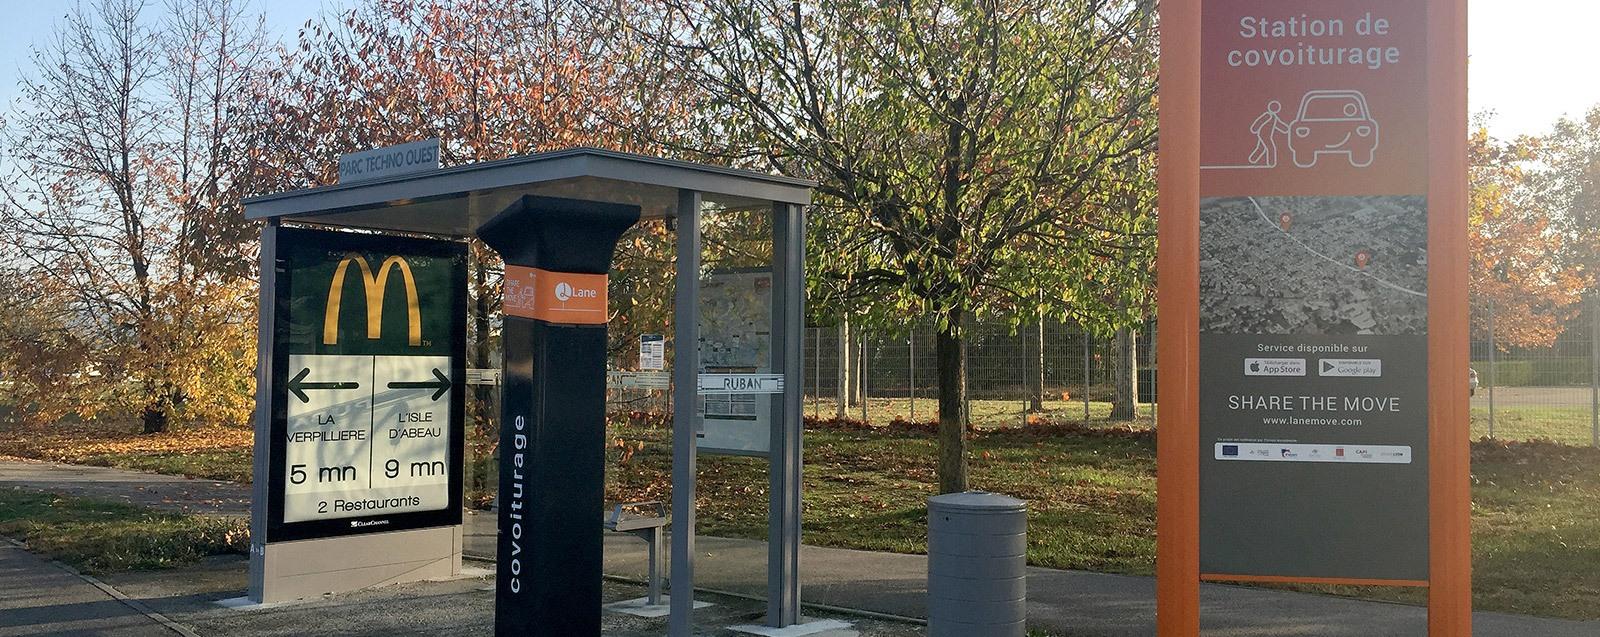 Station de covoiturage LANE à Villefontaine, Parc Techno Ouest